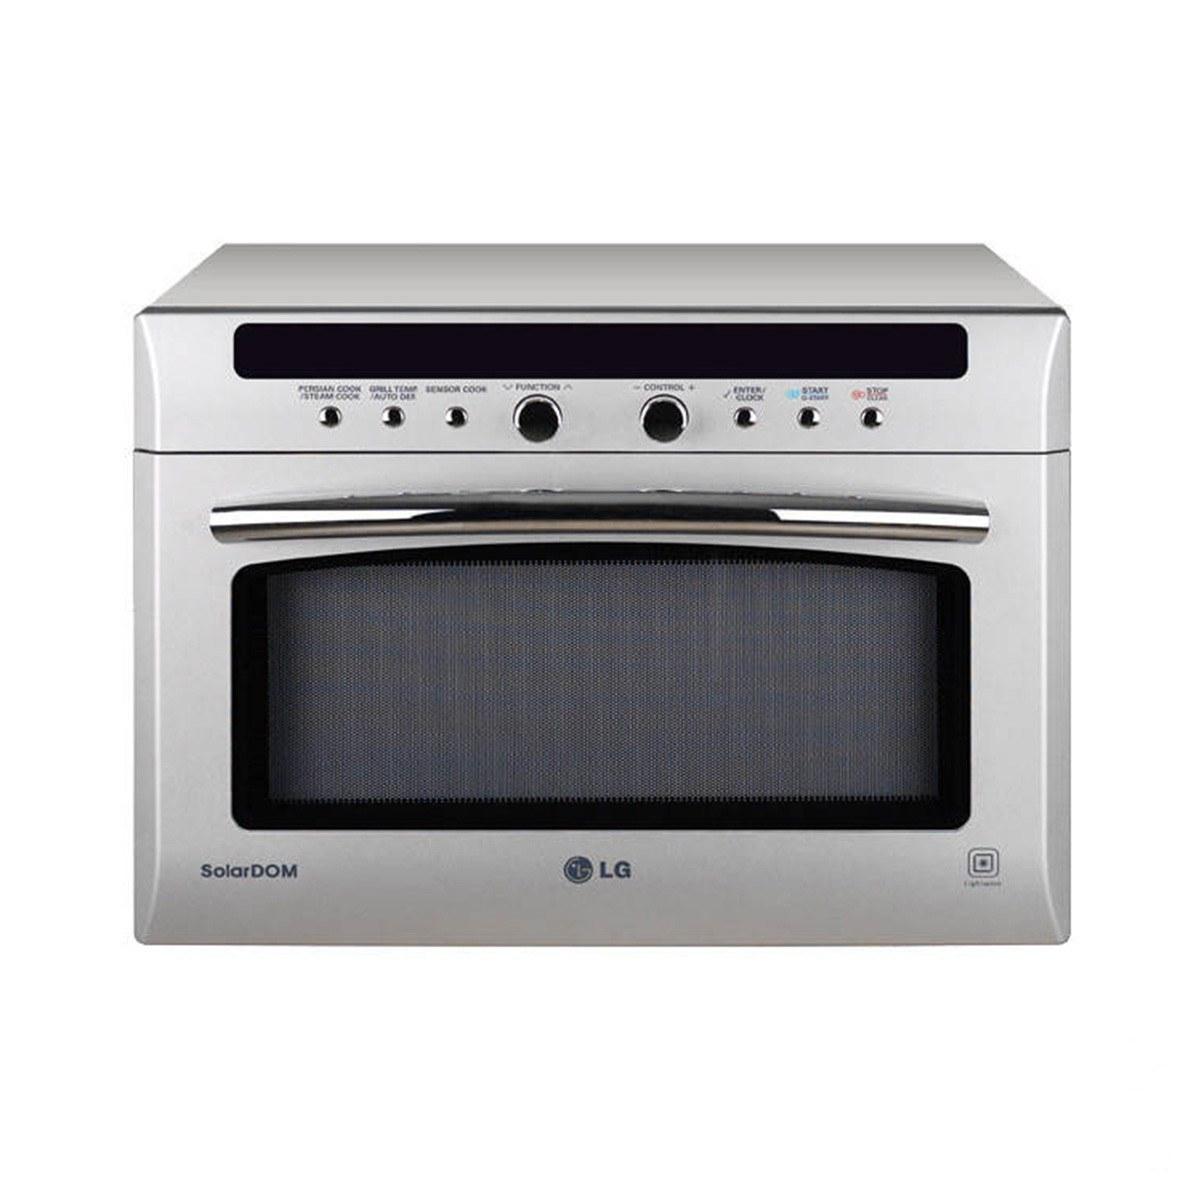 تصویر مایکروفر ال جی مدل MS95WCR LG MS95WCR Microwave Oven